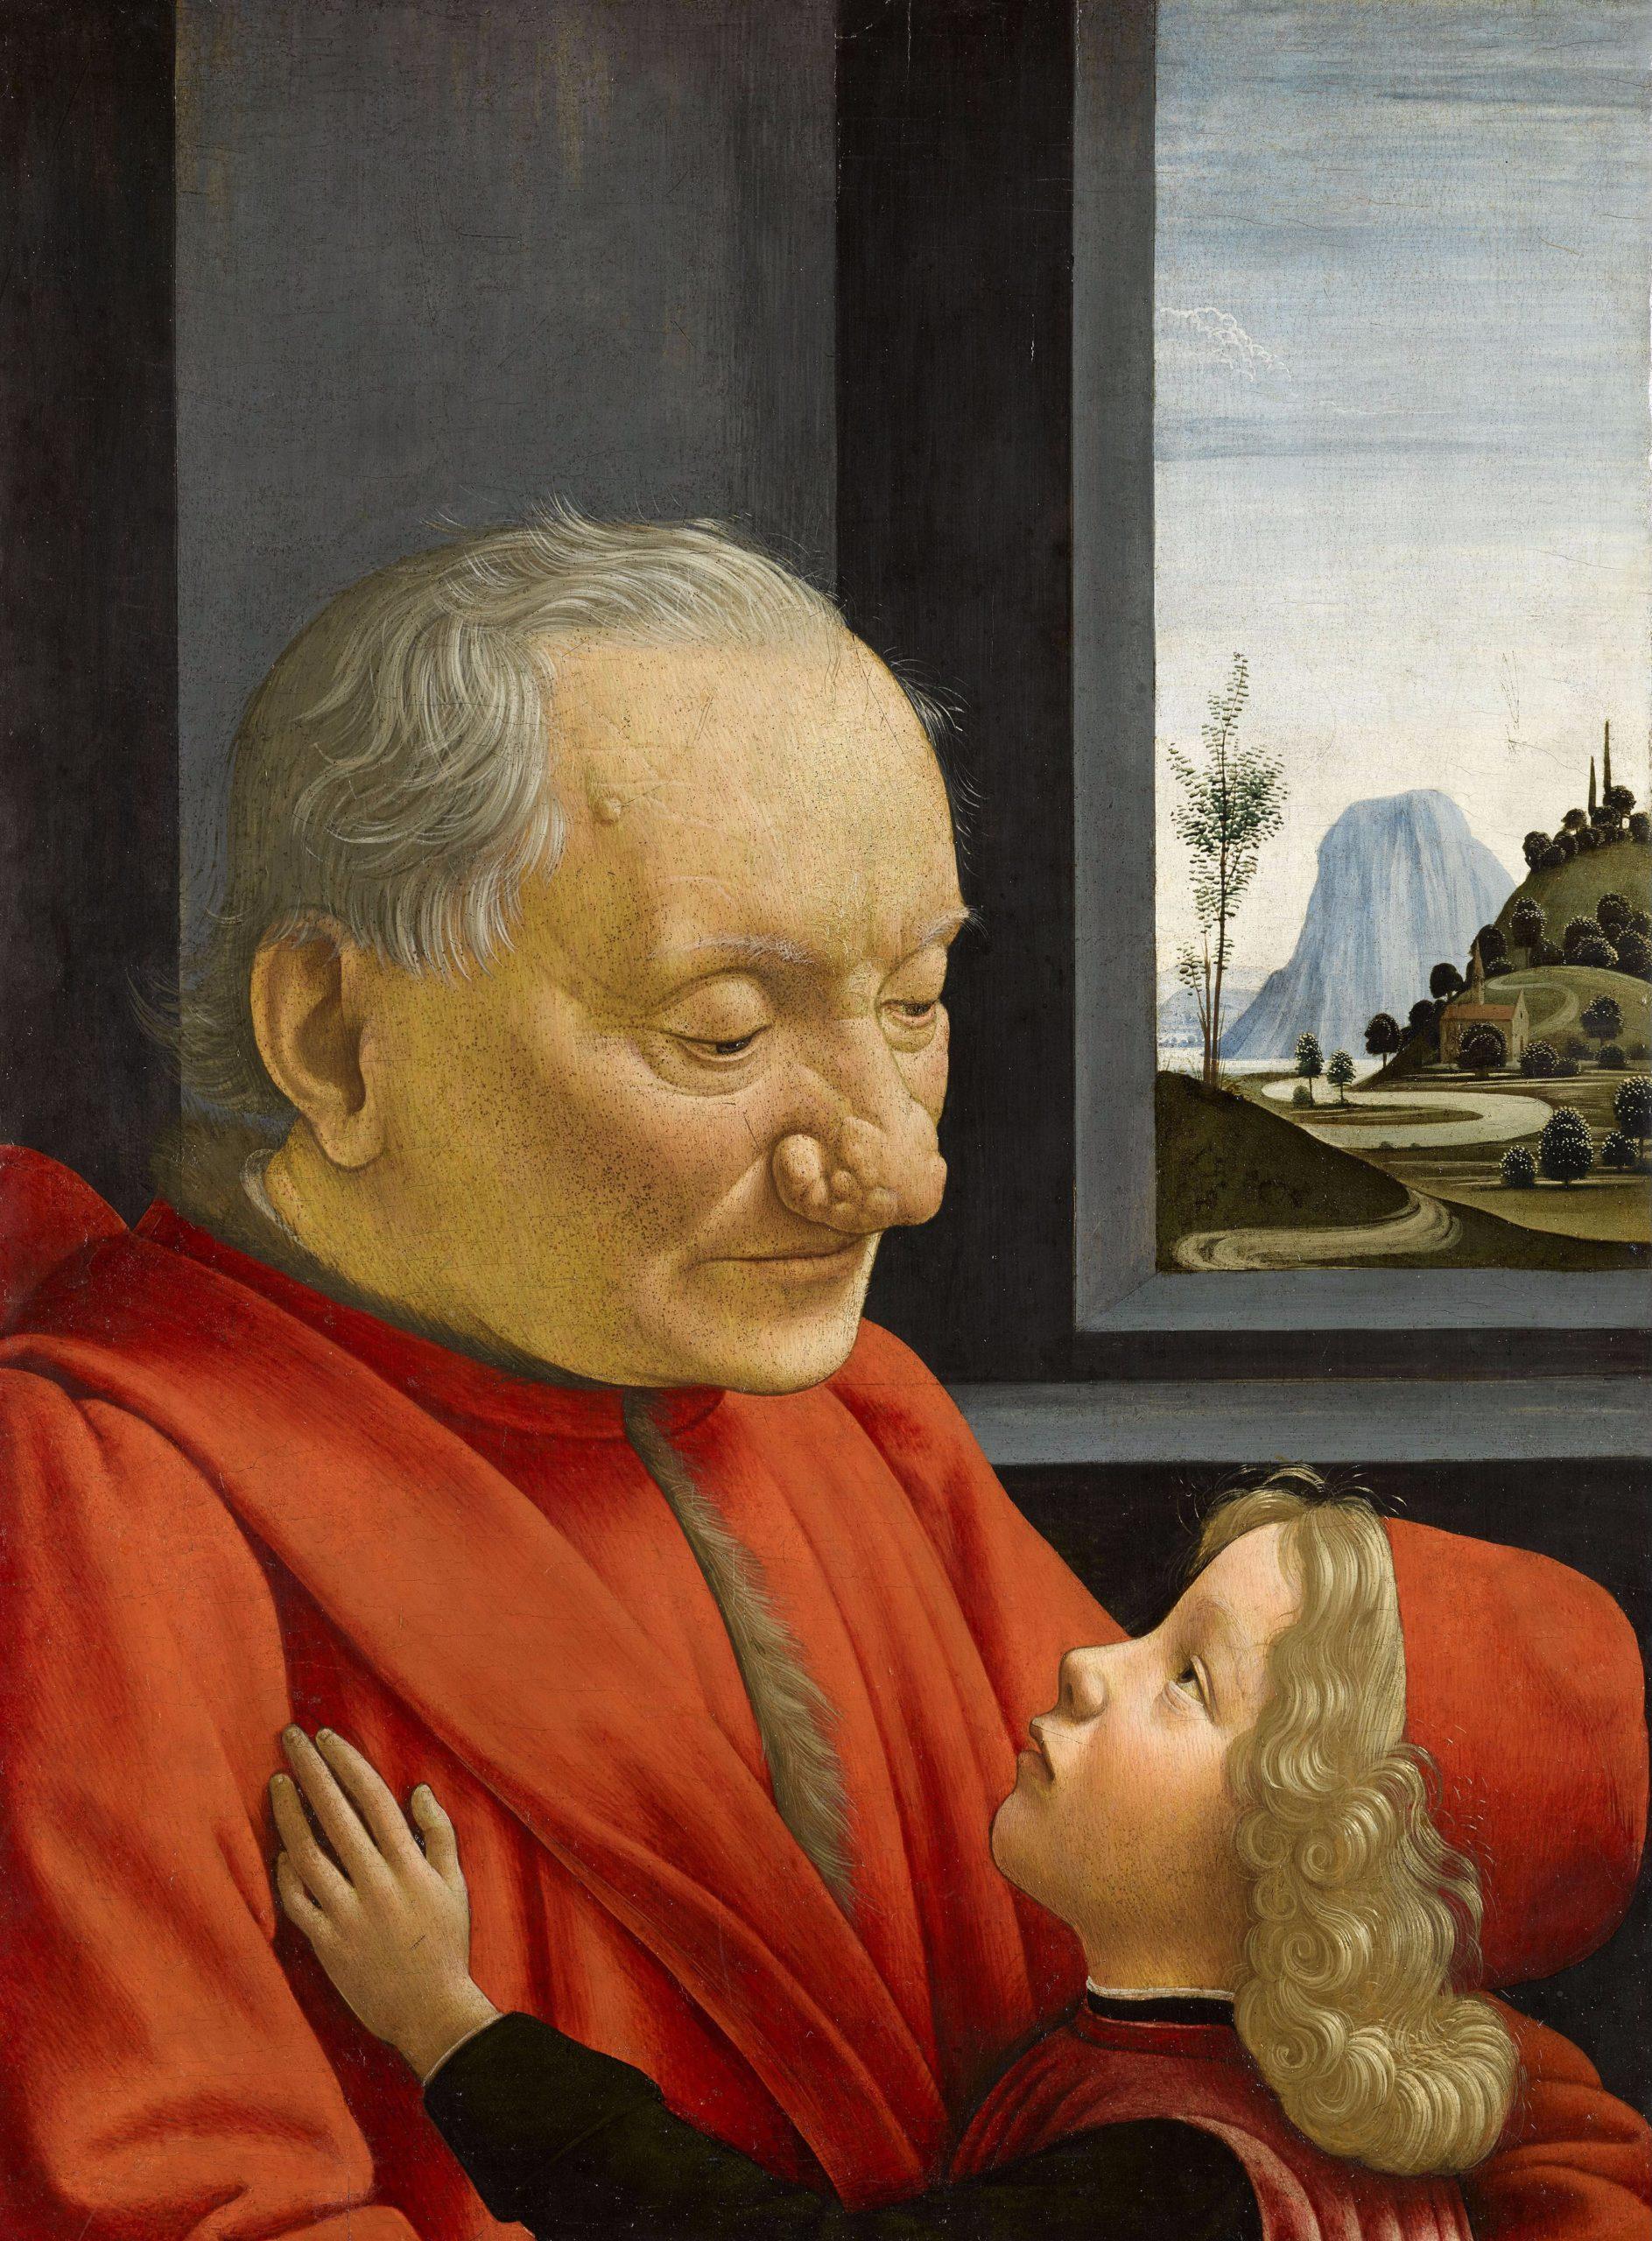 Le fameux tableau de Domenico di Tommaso Bigordi dit Ghirlandaio, représentant le portrait d'un vieillard et d'un jeune garçon, peint en 1490. Il s'agit d'une peinture à l'huile, de 62x46 cm, exposée au Musée du Louvre à Paris.